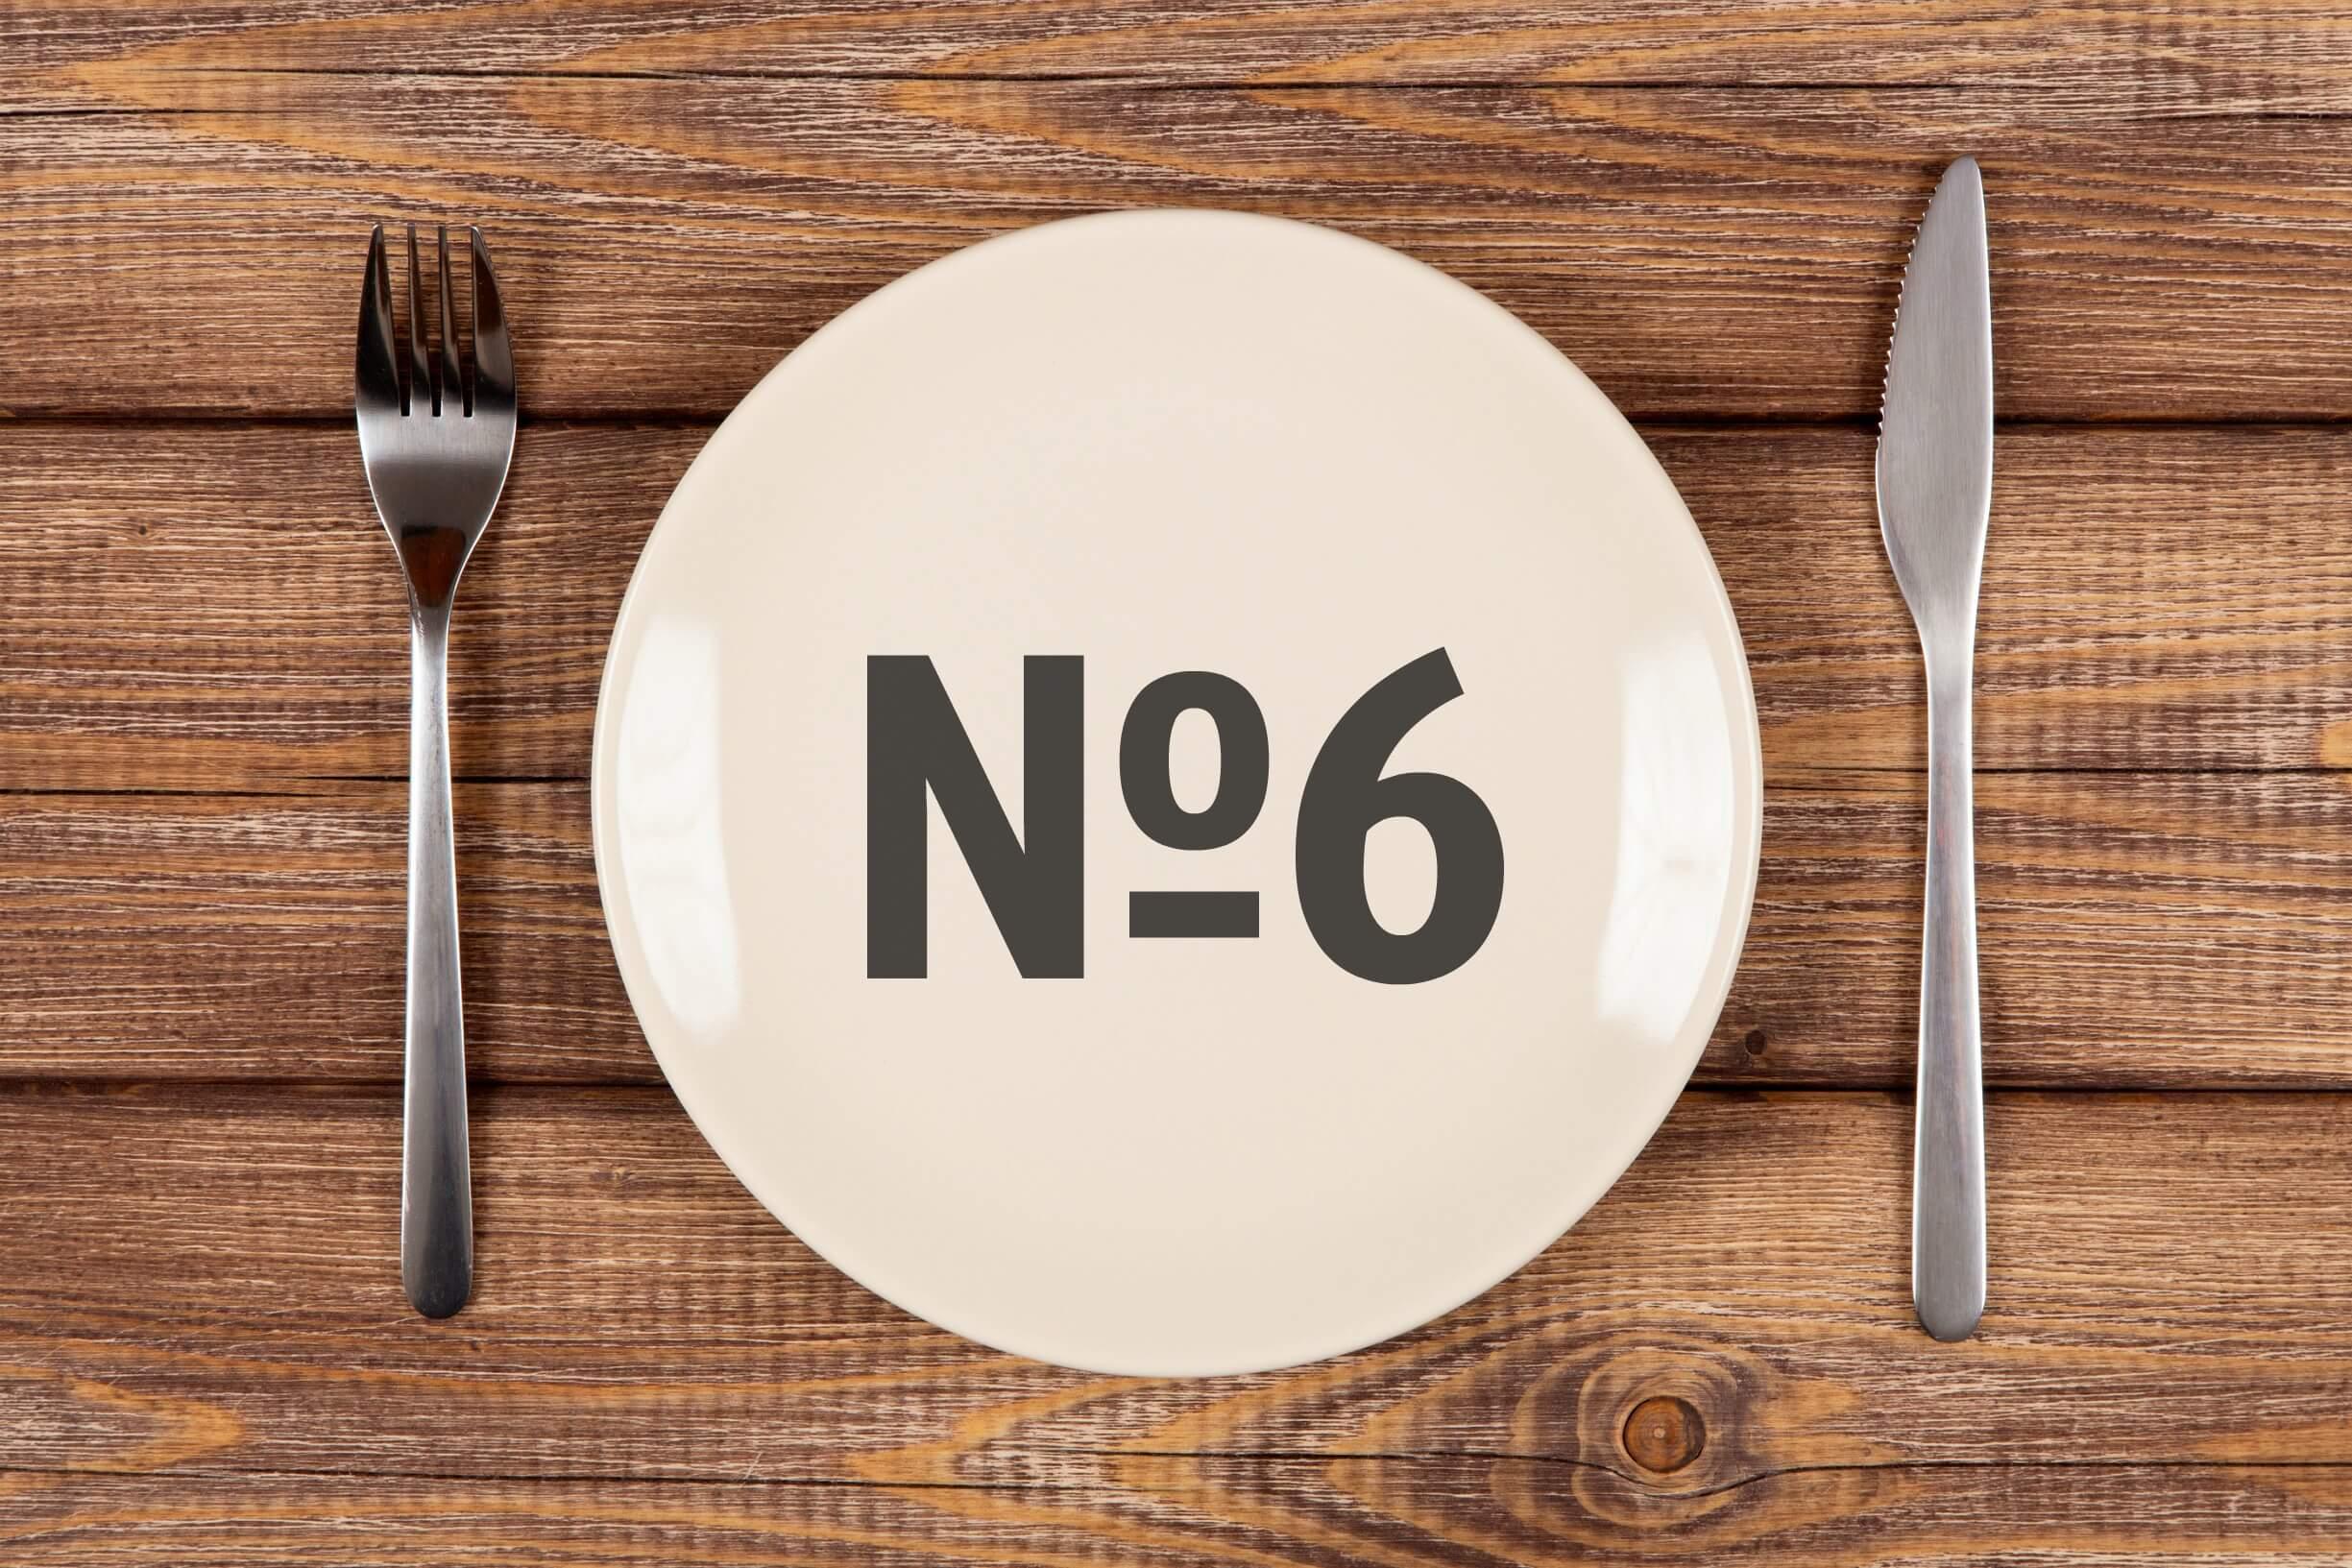 Диета стол № 6 при подагре и мочекаменных заболеваниях: показания к назначению, список разрешенных и запрещенных продуктов, меню на неделю и на каждый день, рецепты блюд